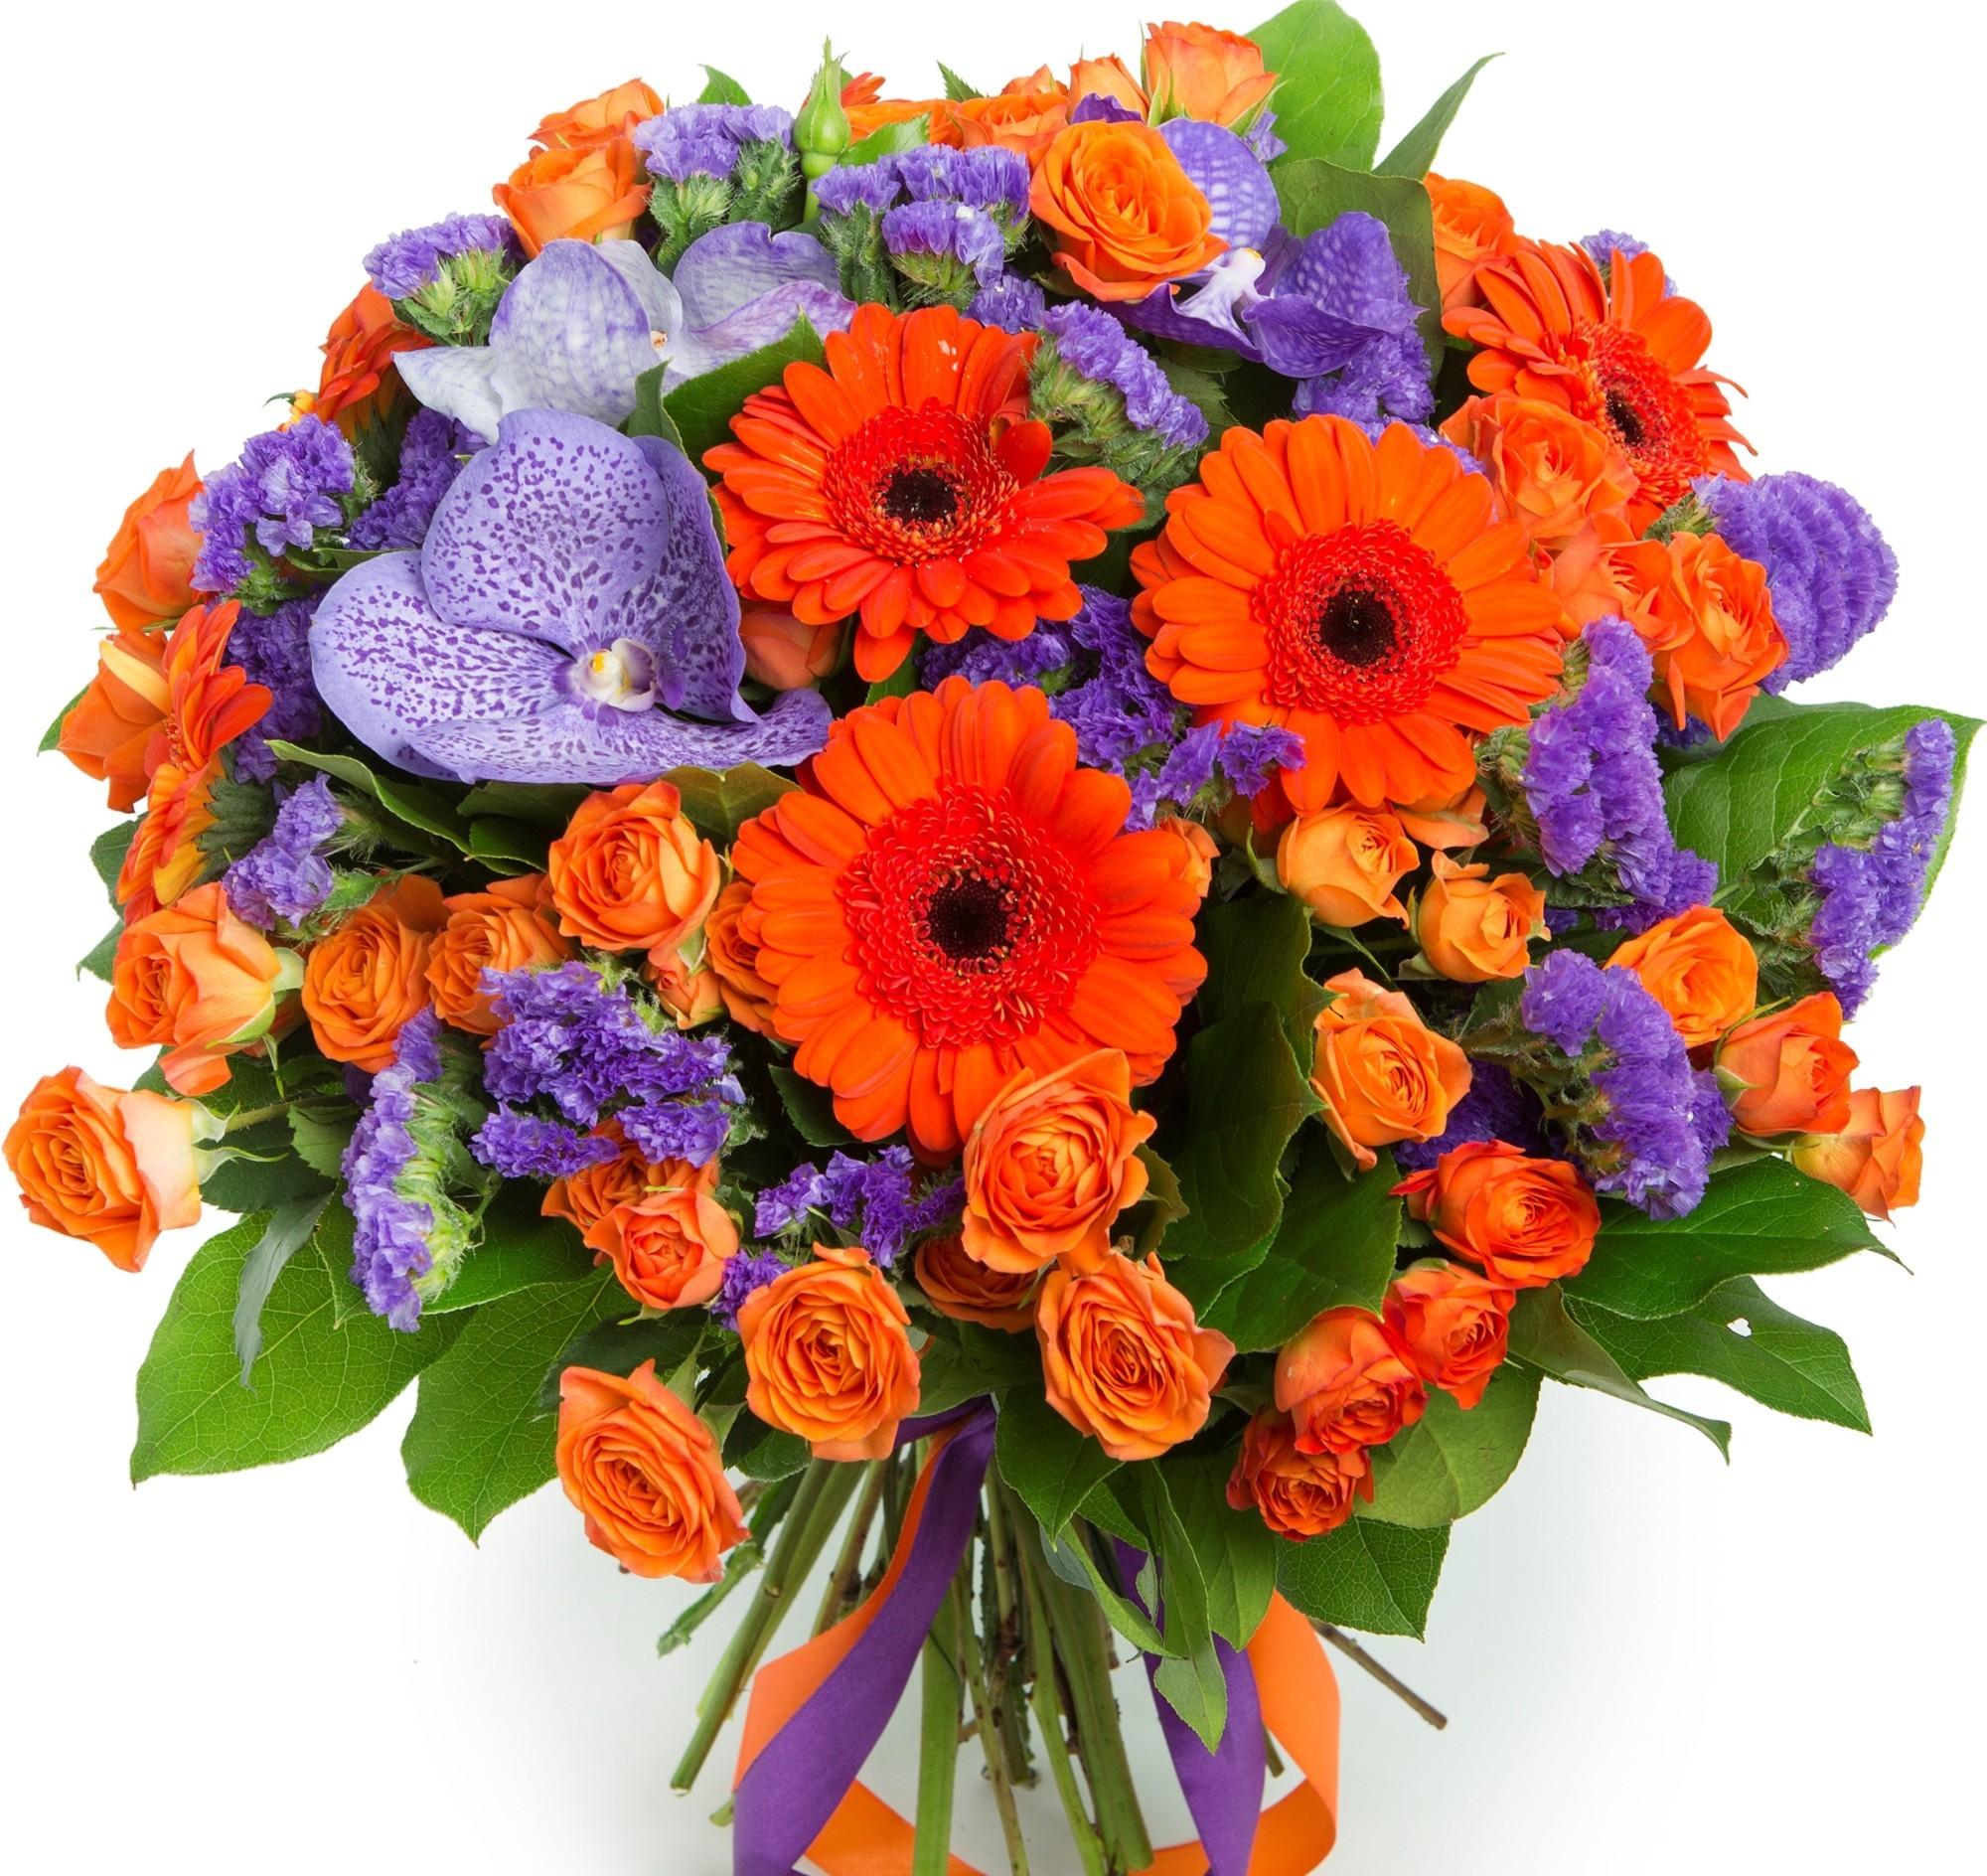 букеты оранжевых цветов перон знал